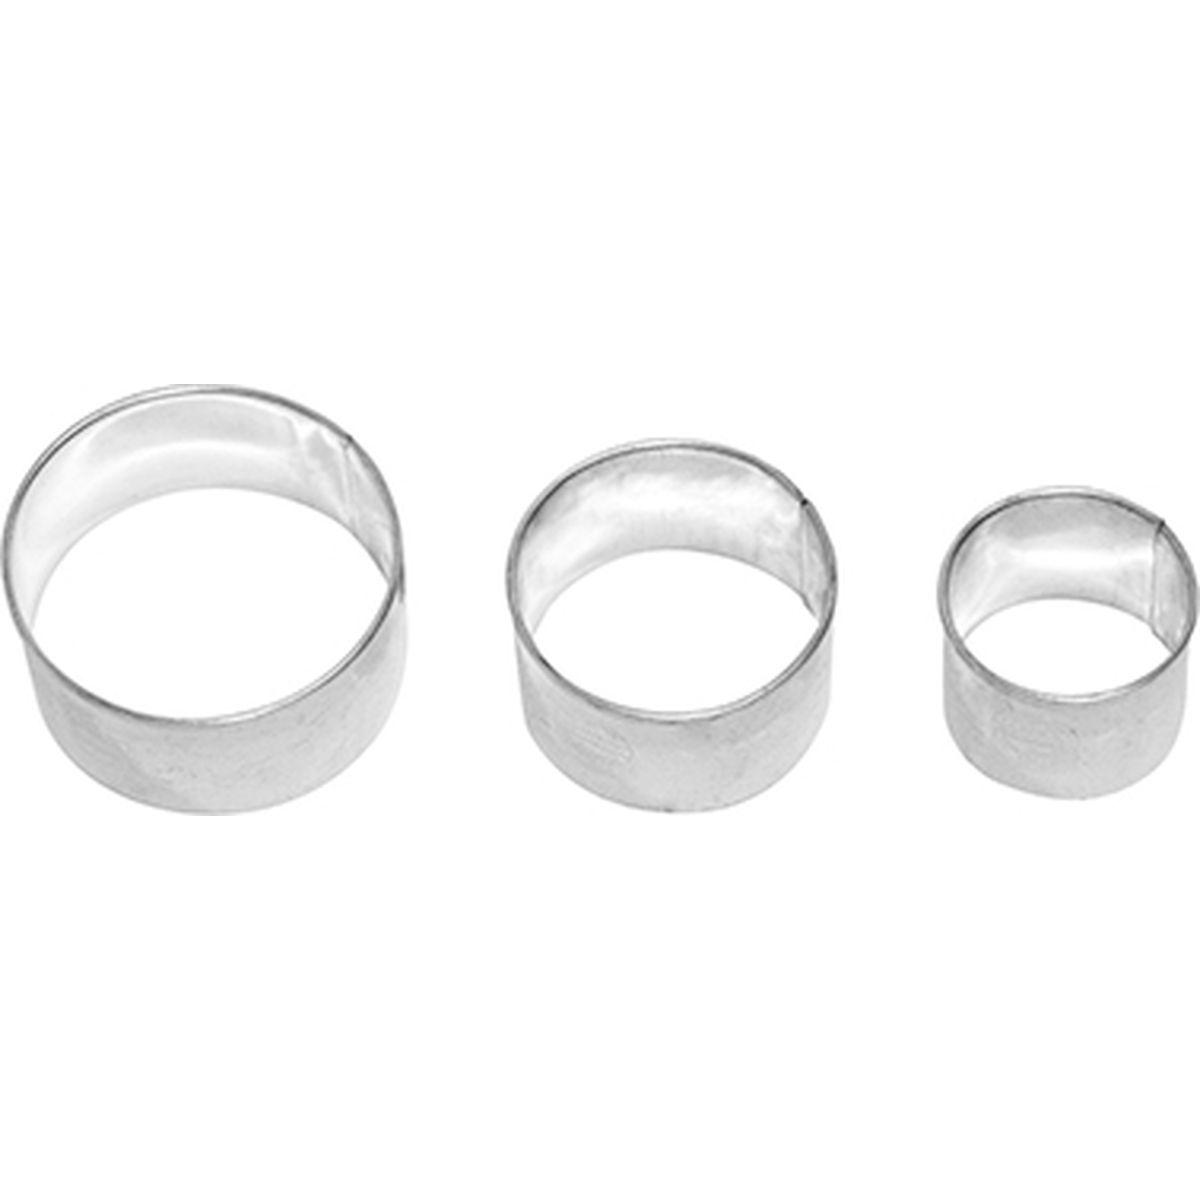 Set de 3 emporte-pièces rond lisse en inox 4, 5 et 6 cm - Birkmann